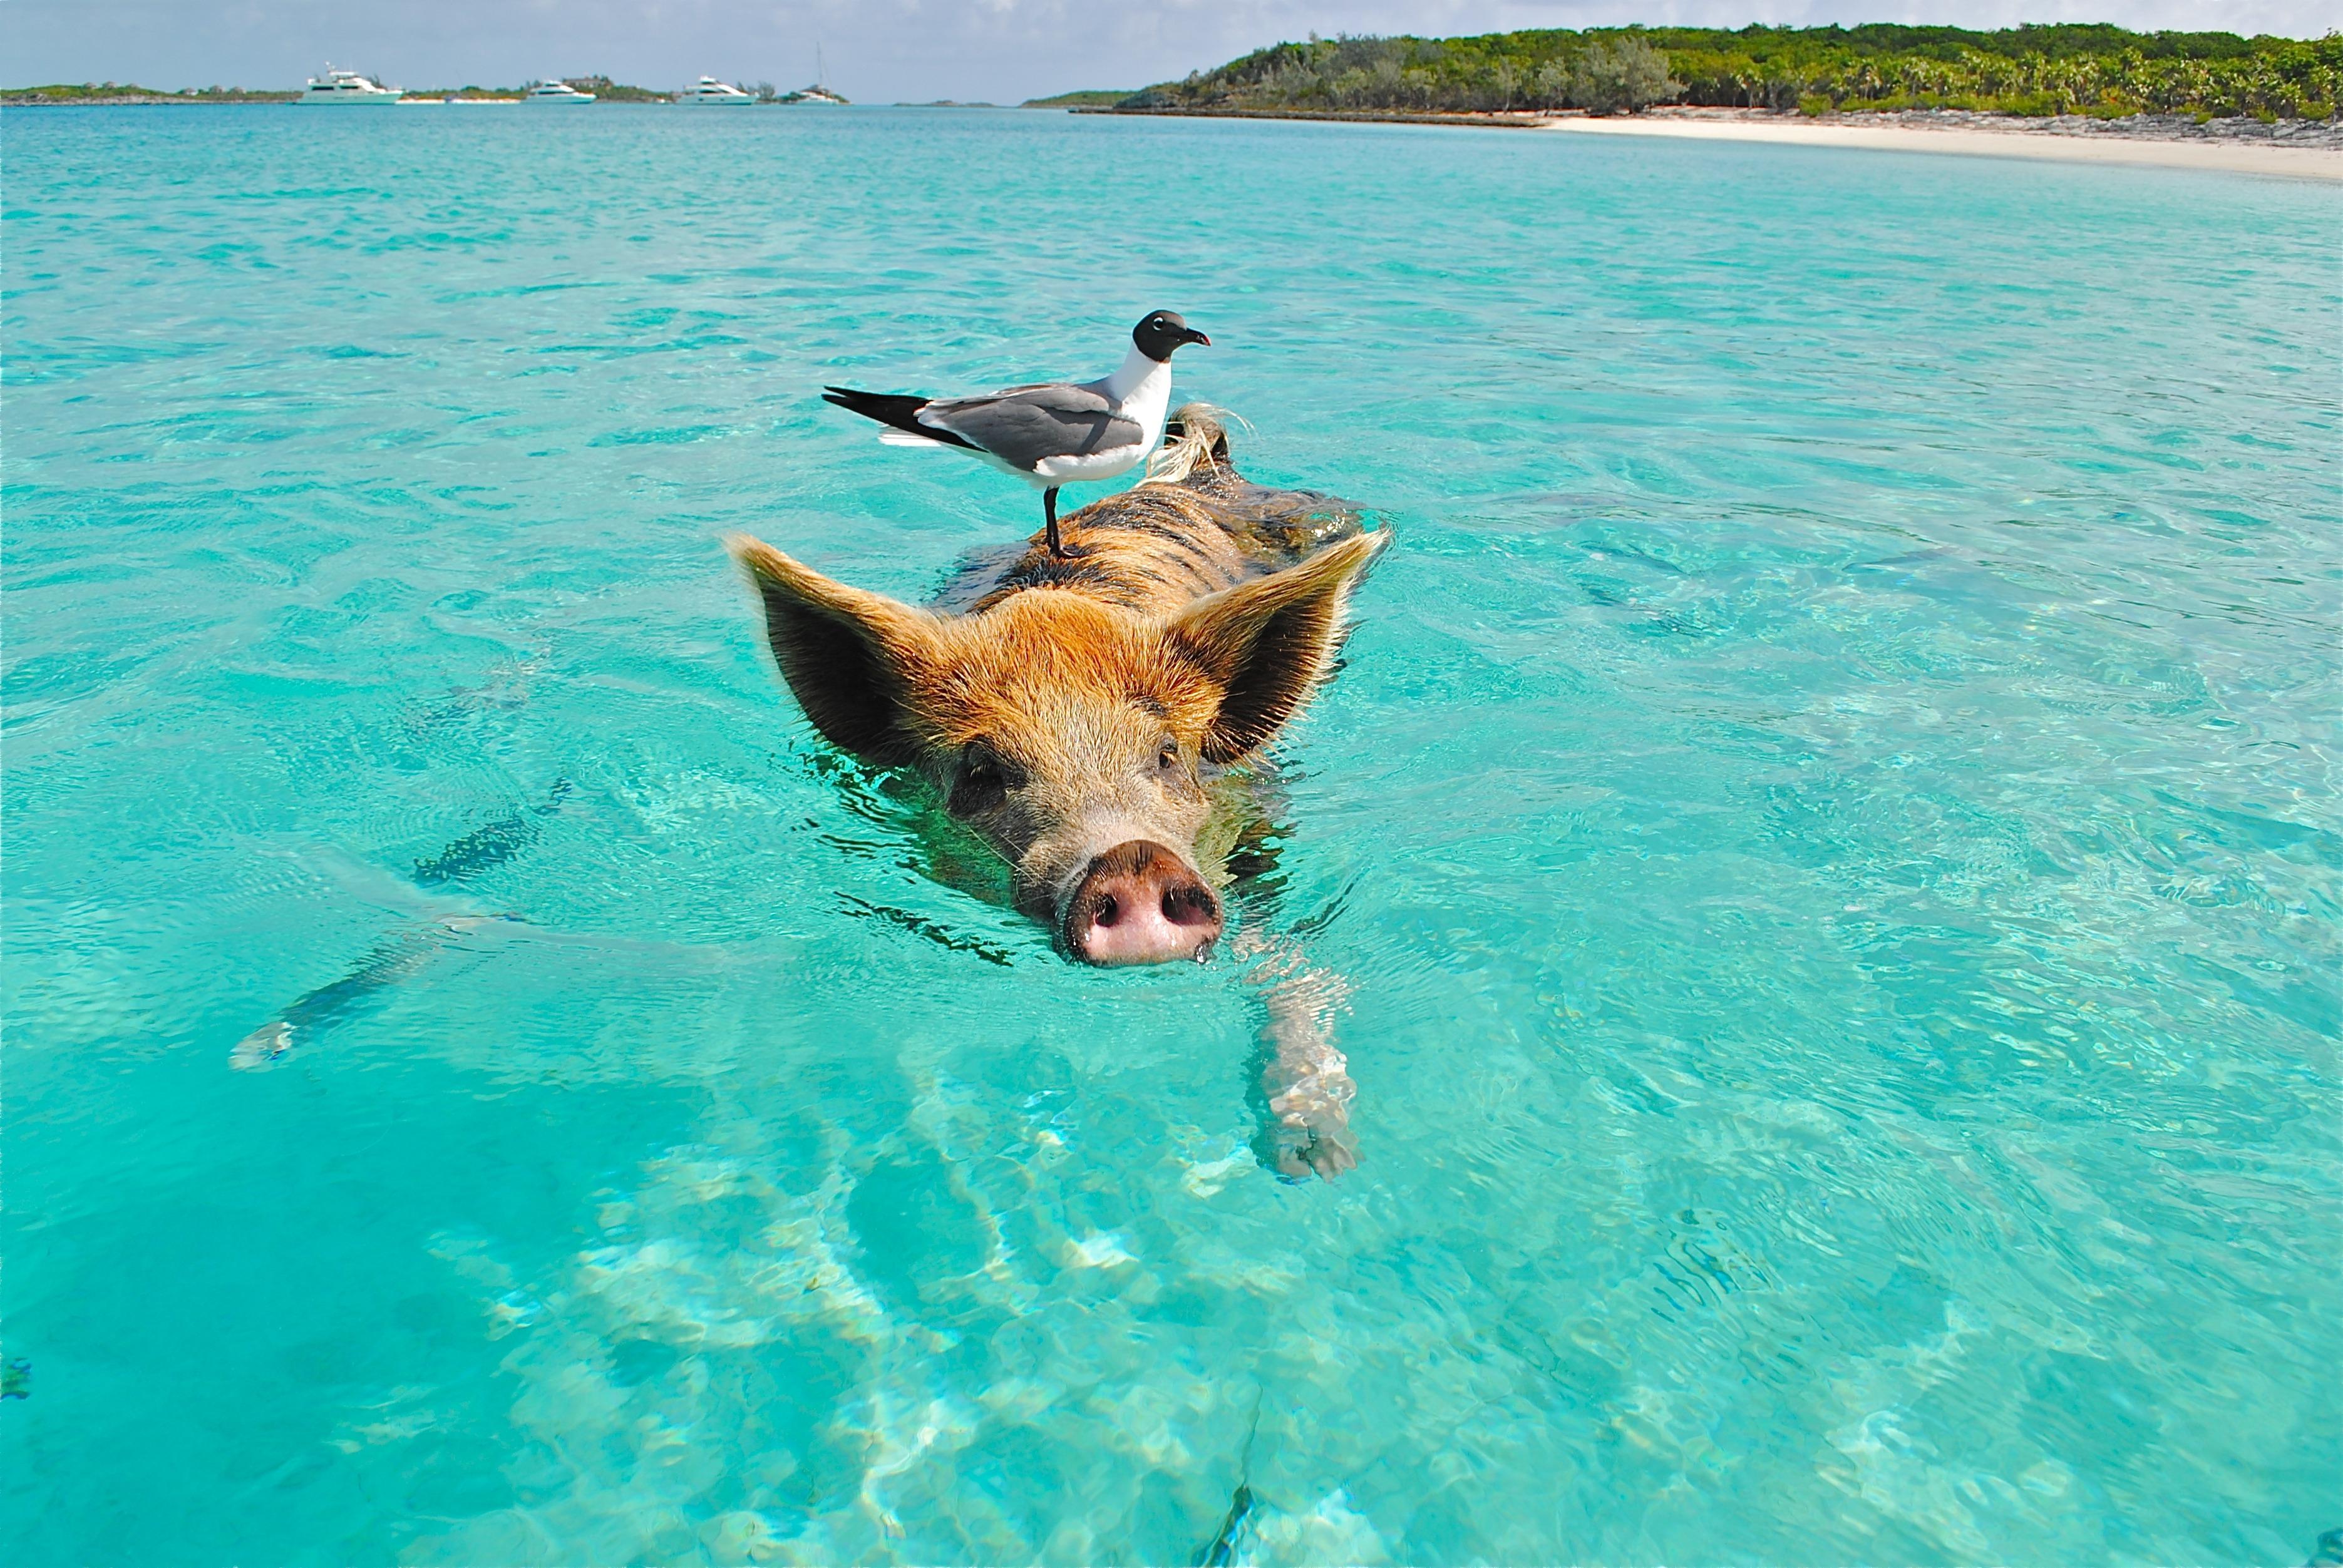 Vogel auf schwimmendem Schwein.